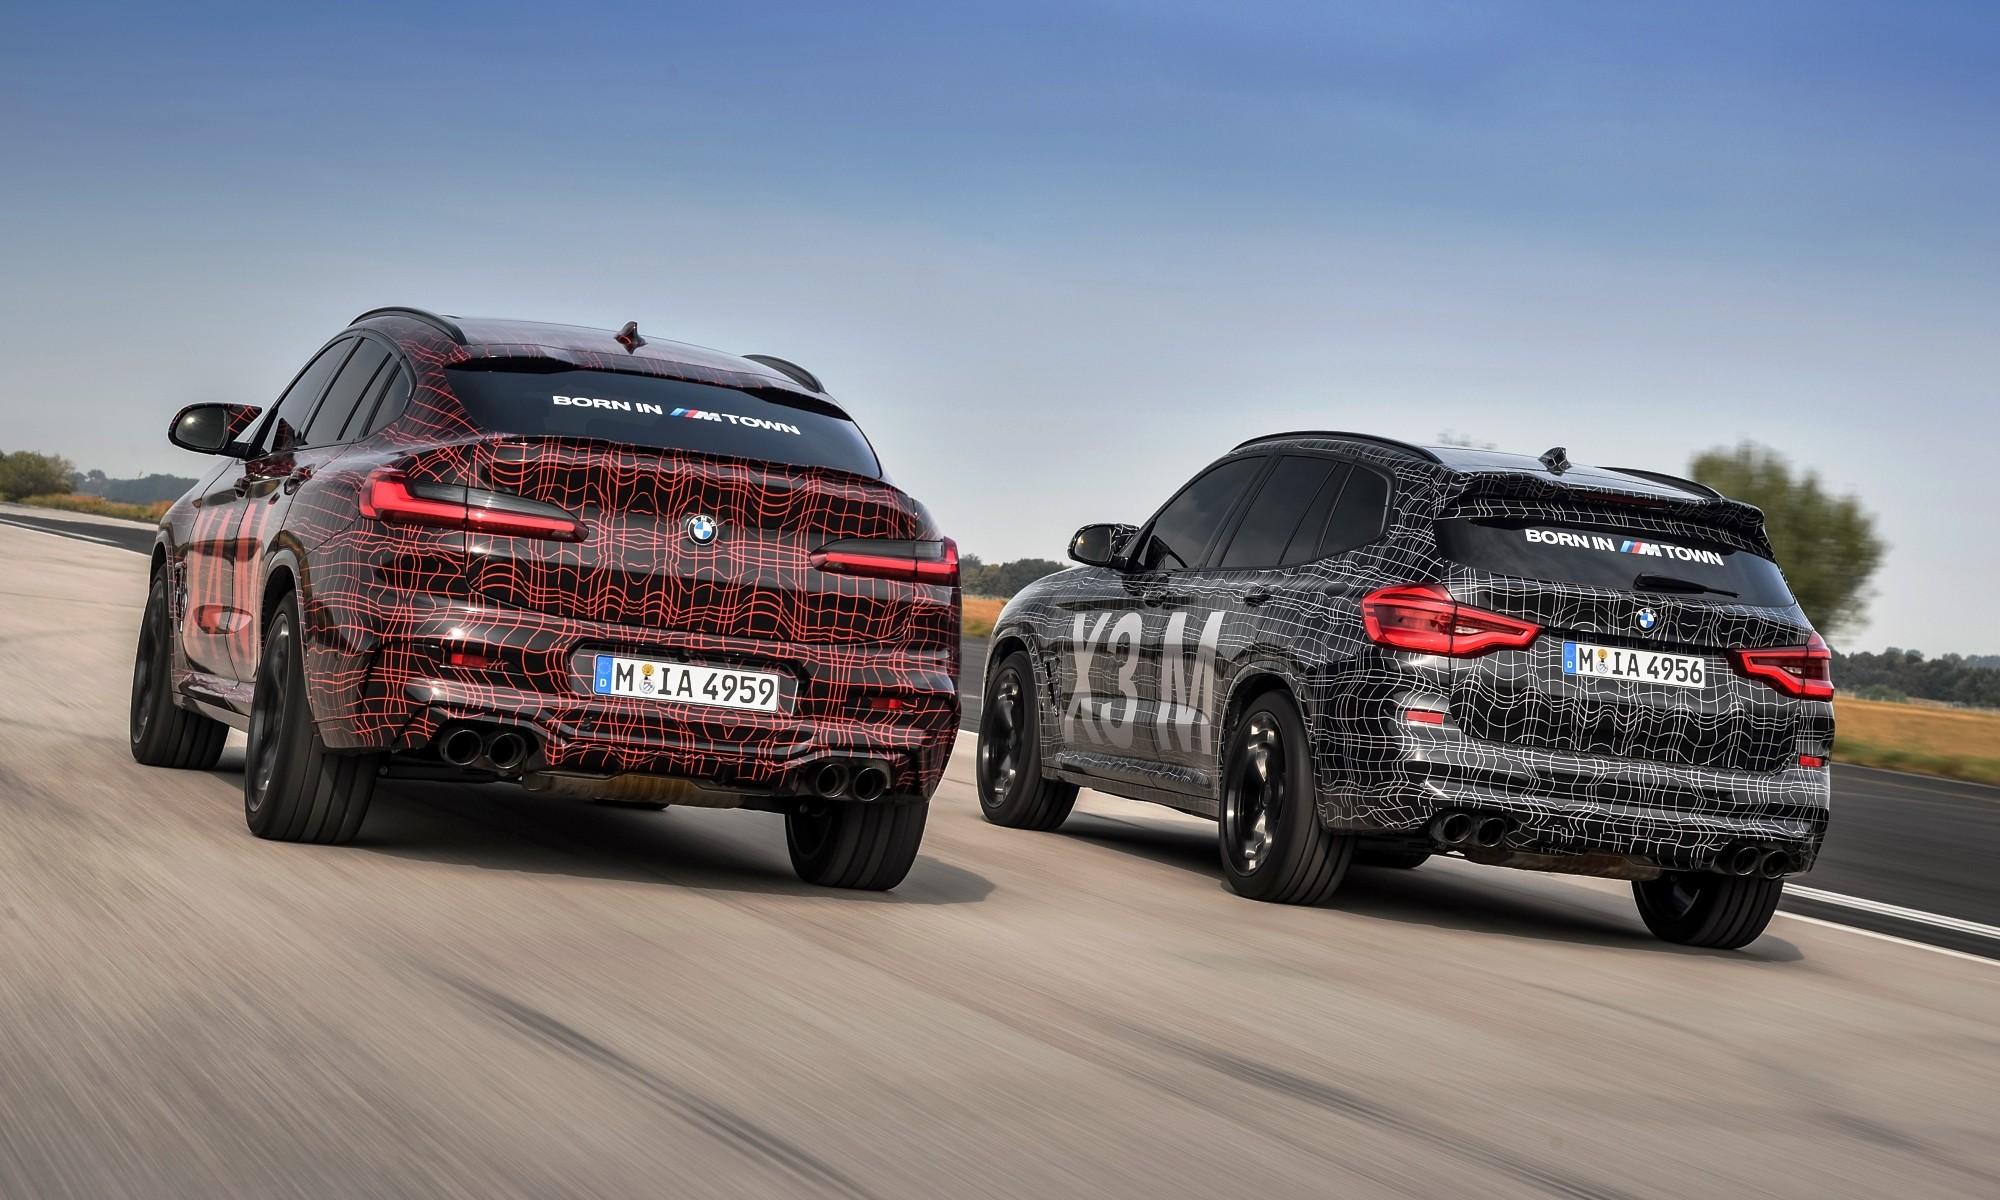 BMW X3M and BMW X4M rear